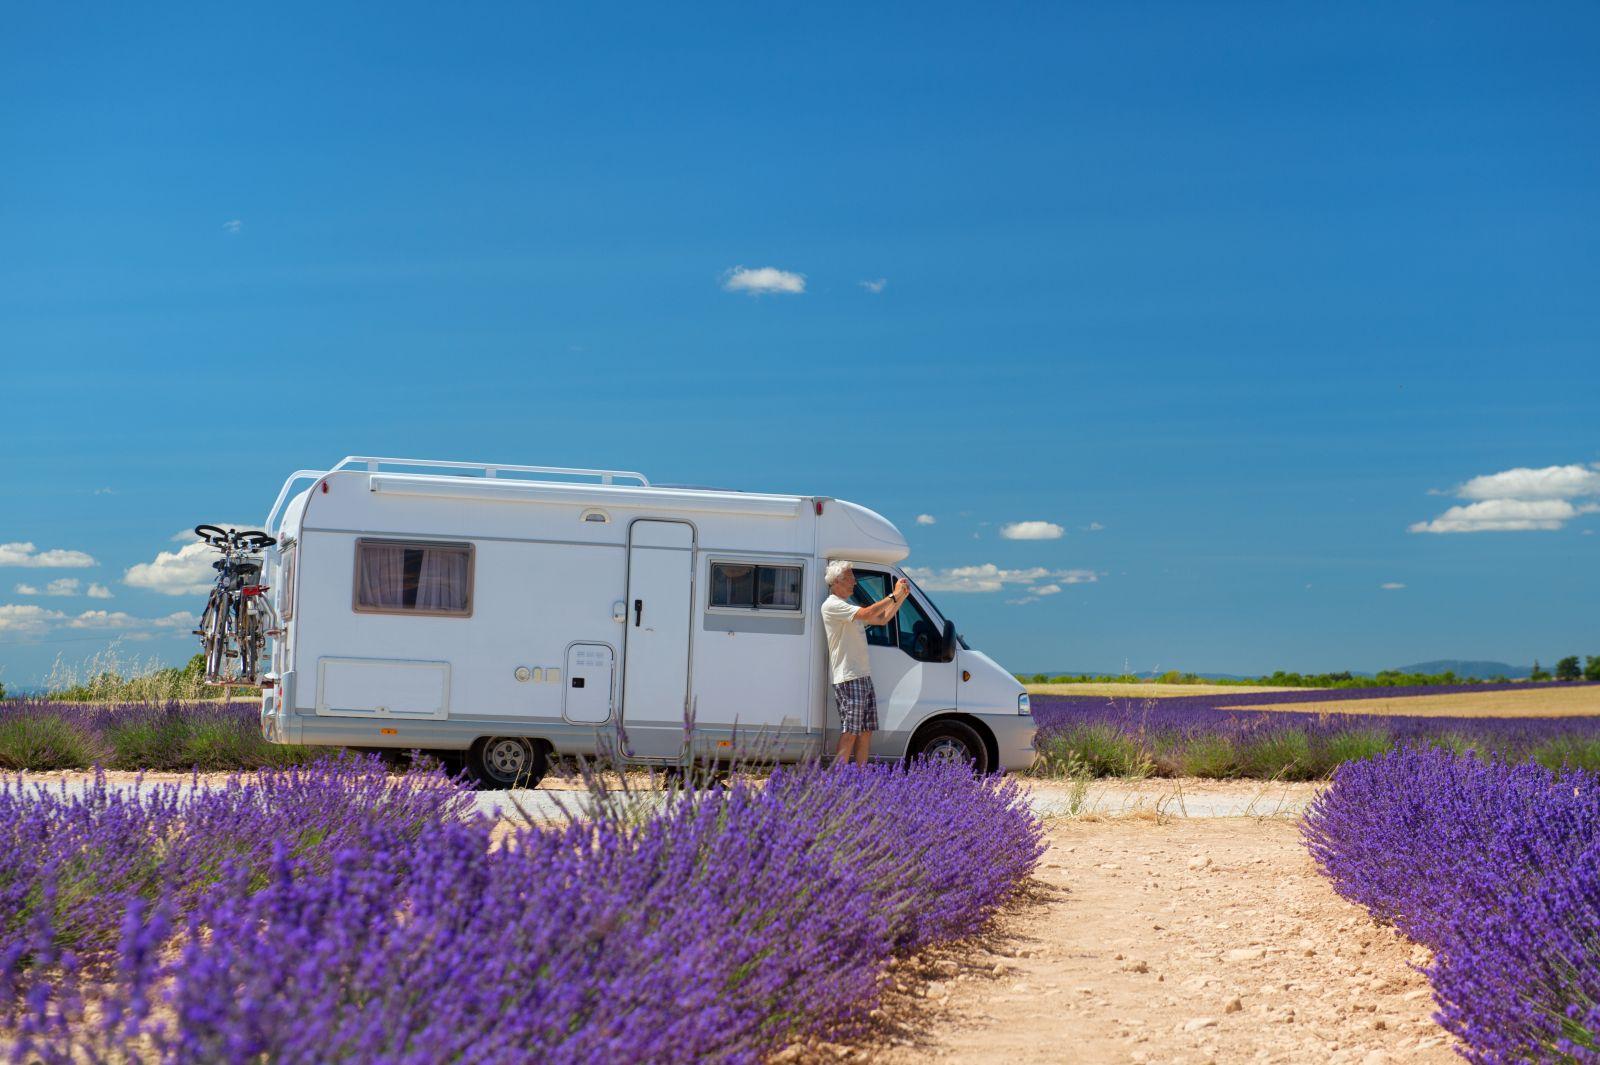 Mit dem Wohnmobil durch die Provence zu fahren, ist für viele Liebhaber des Campings ein großer Traum.